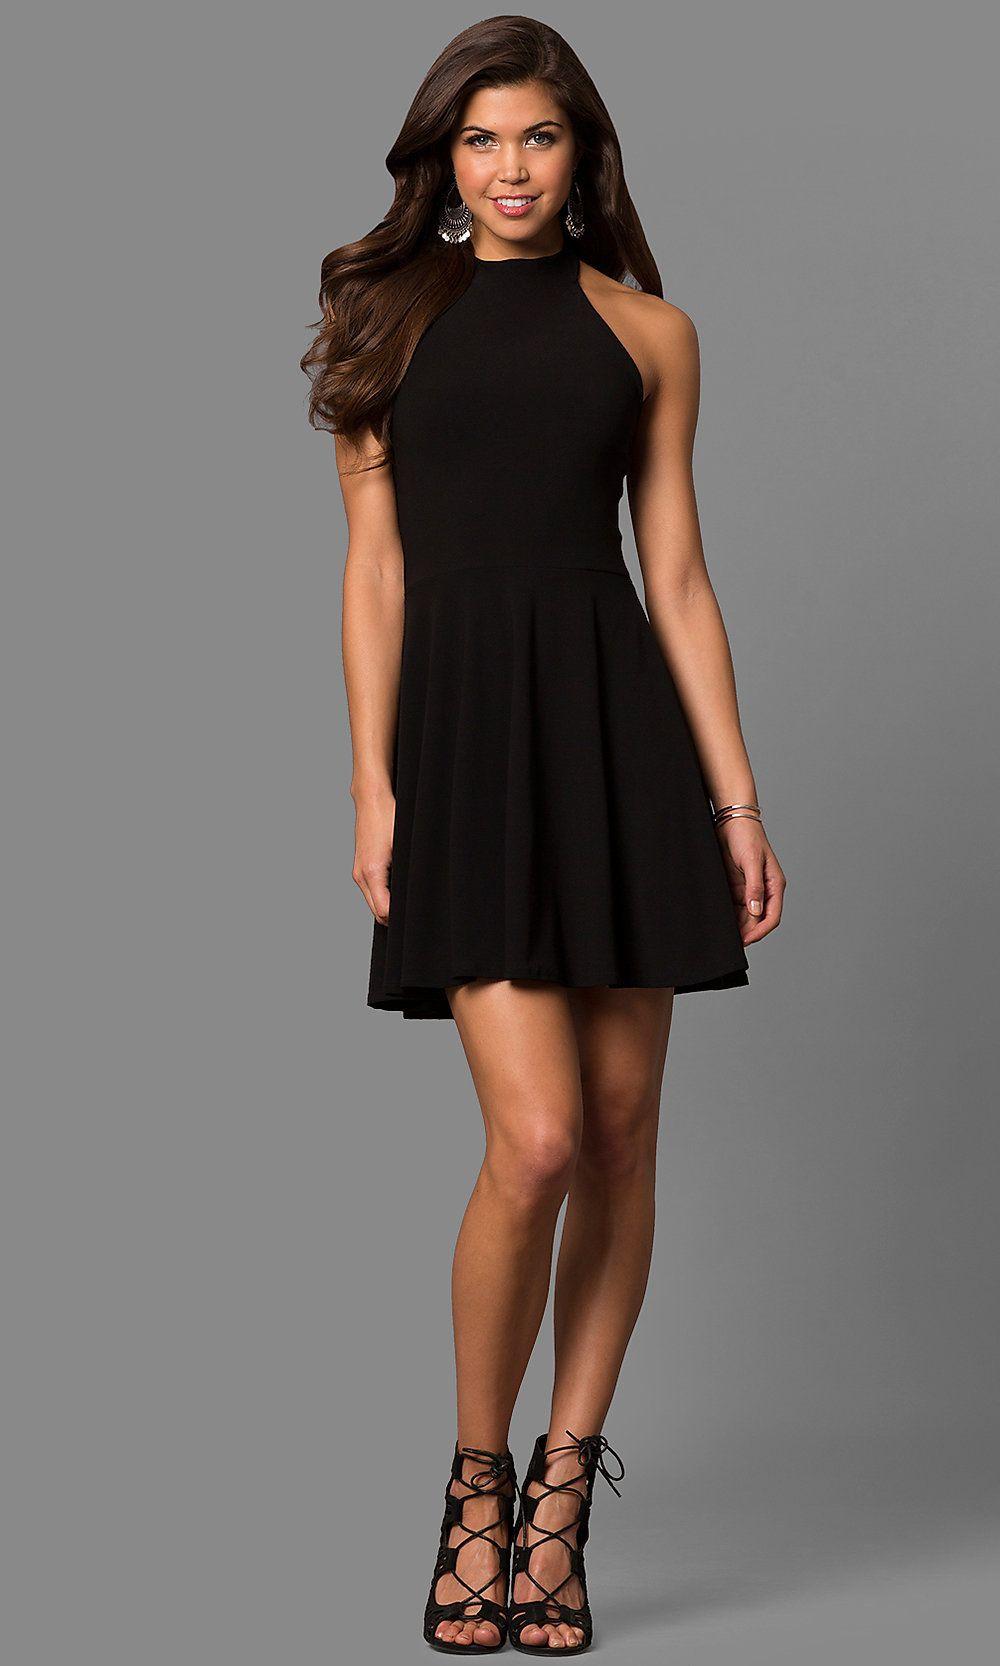 Highneck halter short aline black party dress black